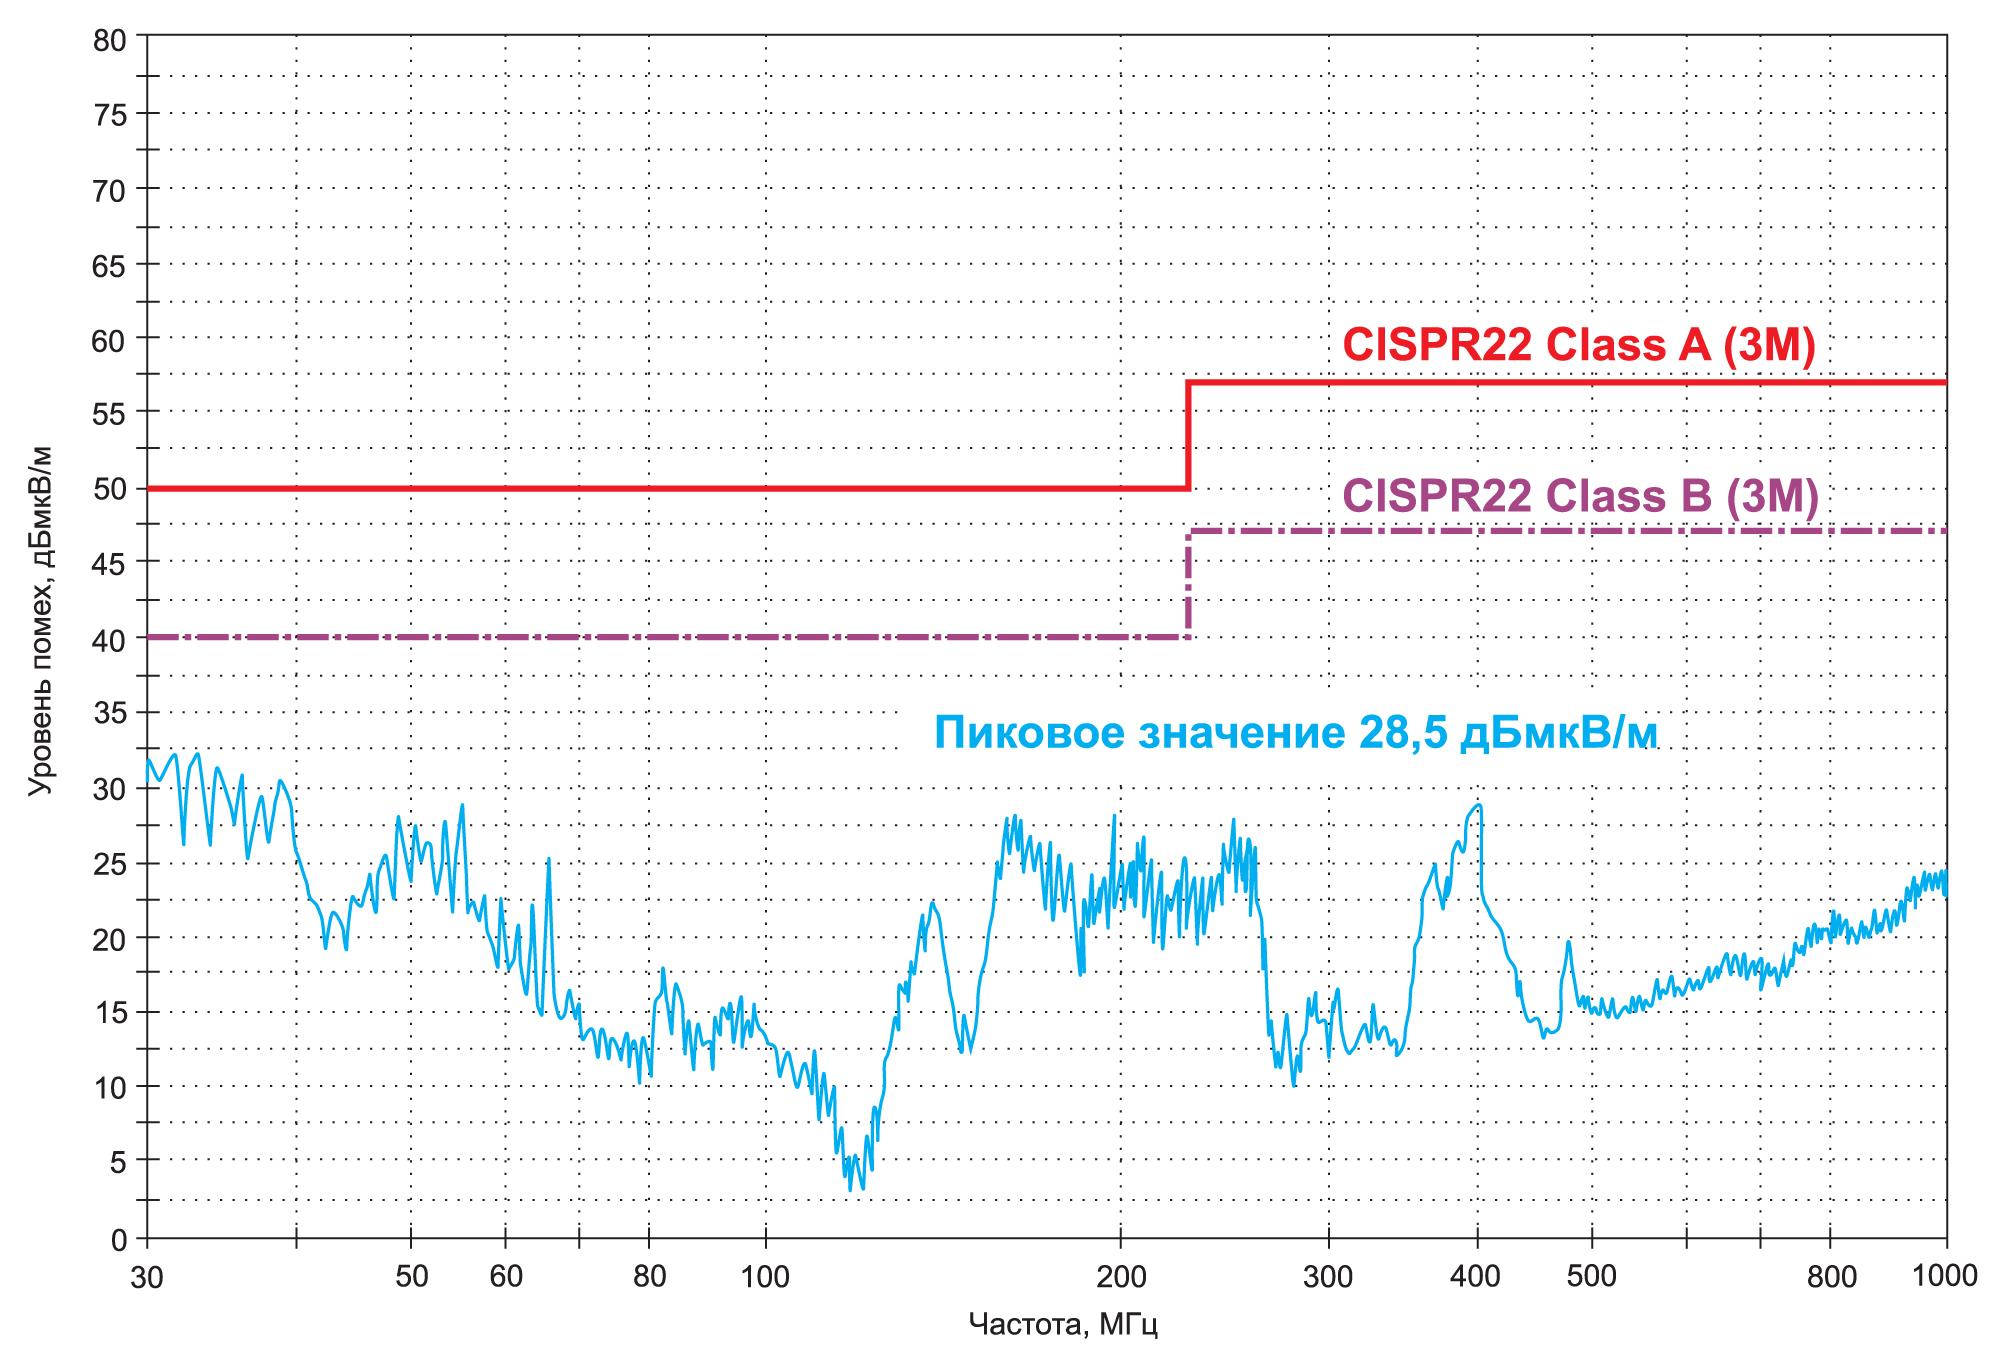 Результаты измерения радиопомех для экранирования